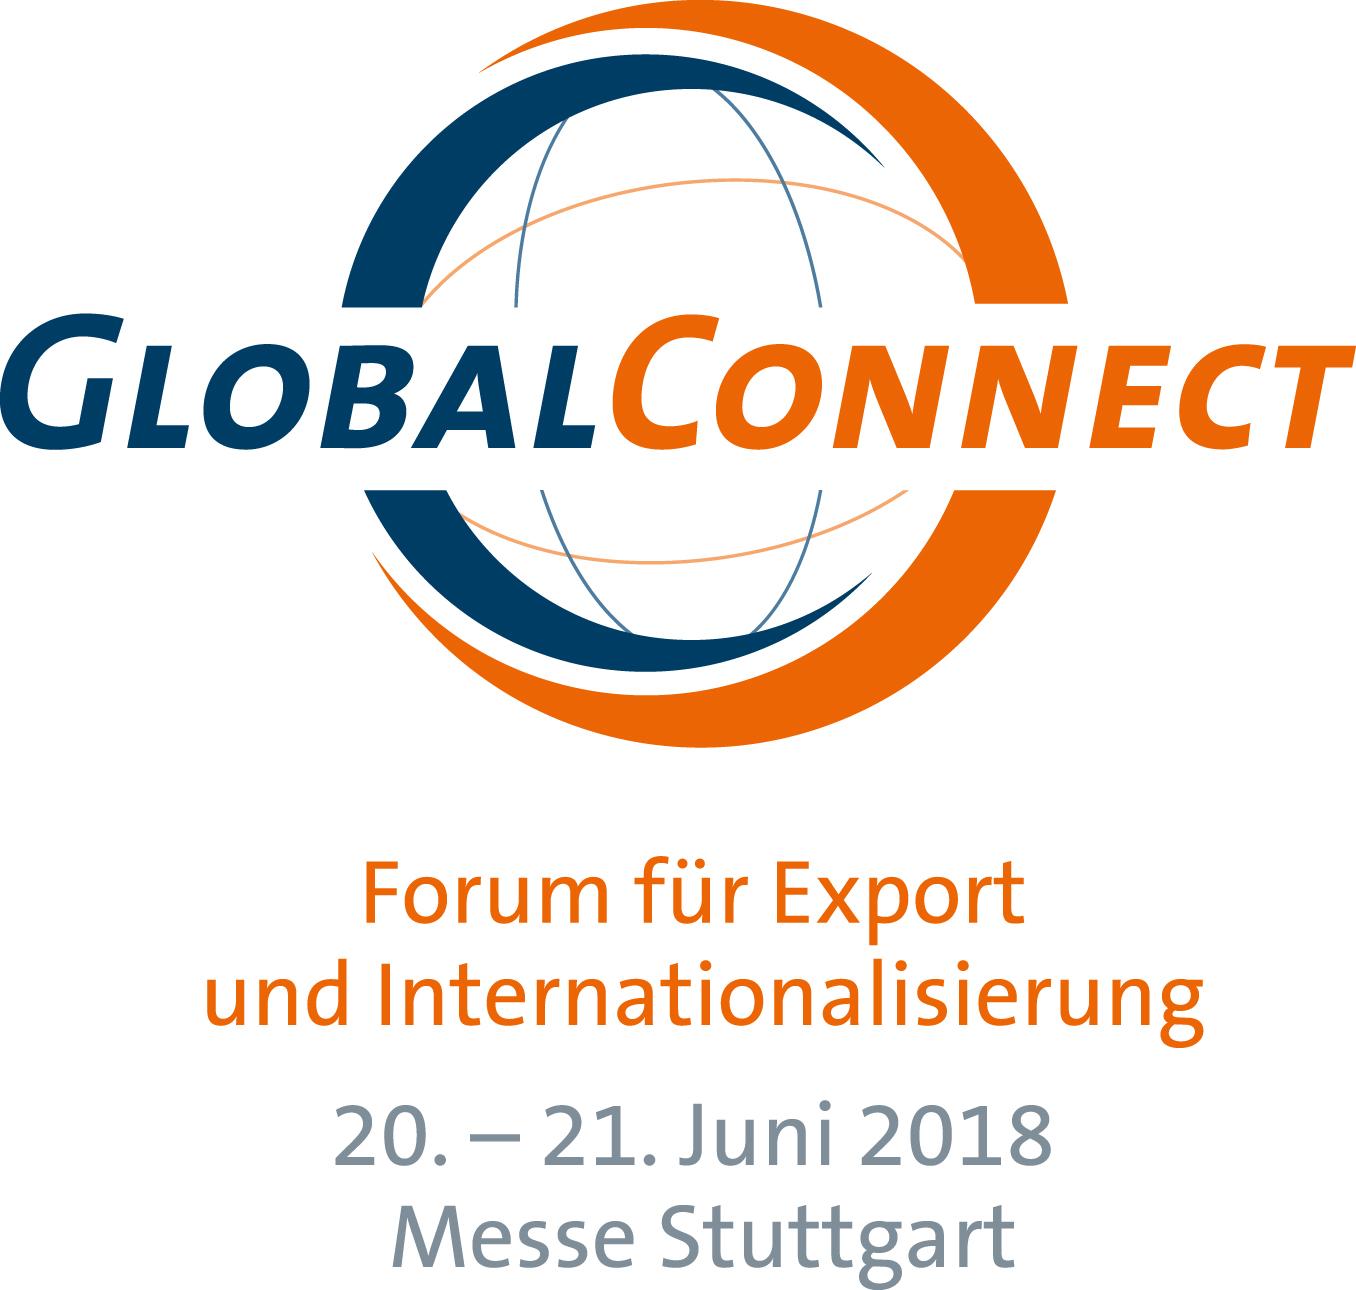 Treffen Sie uns auf der GlobalConnect in Stuttgart